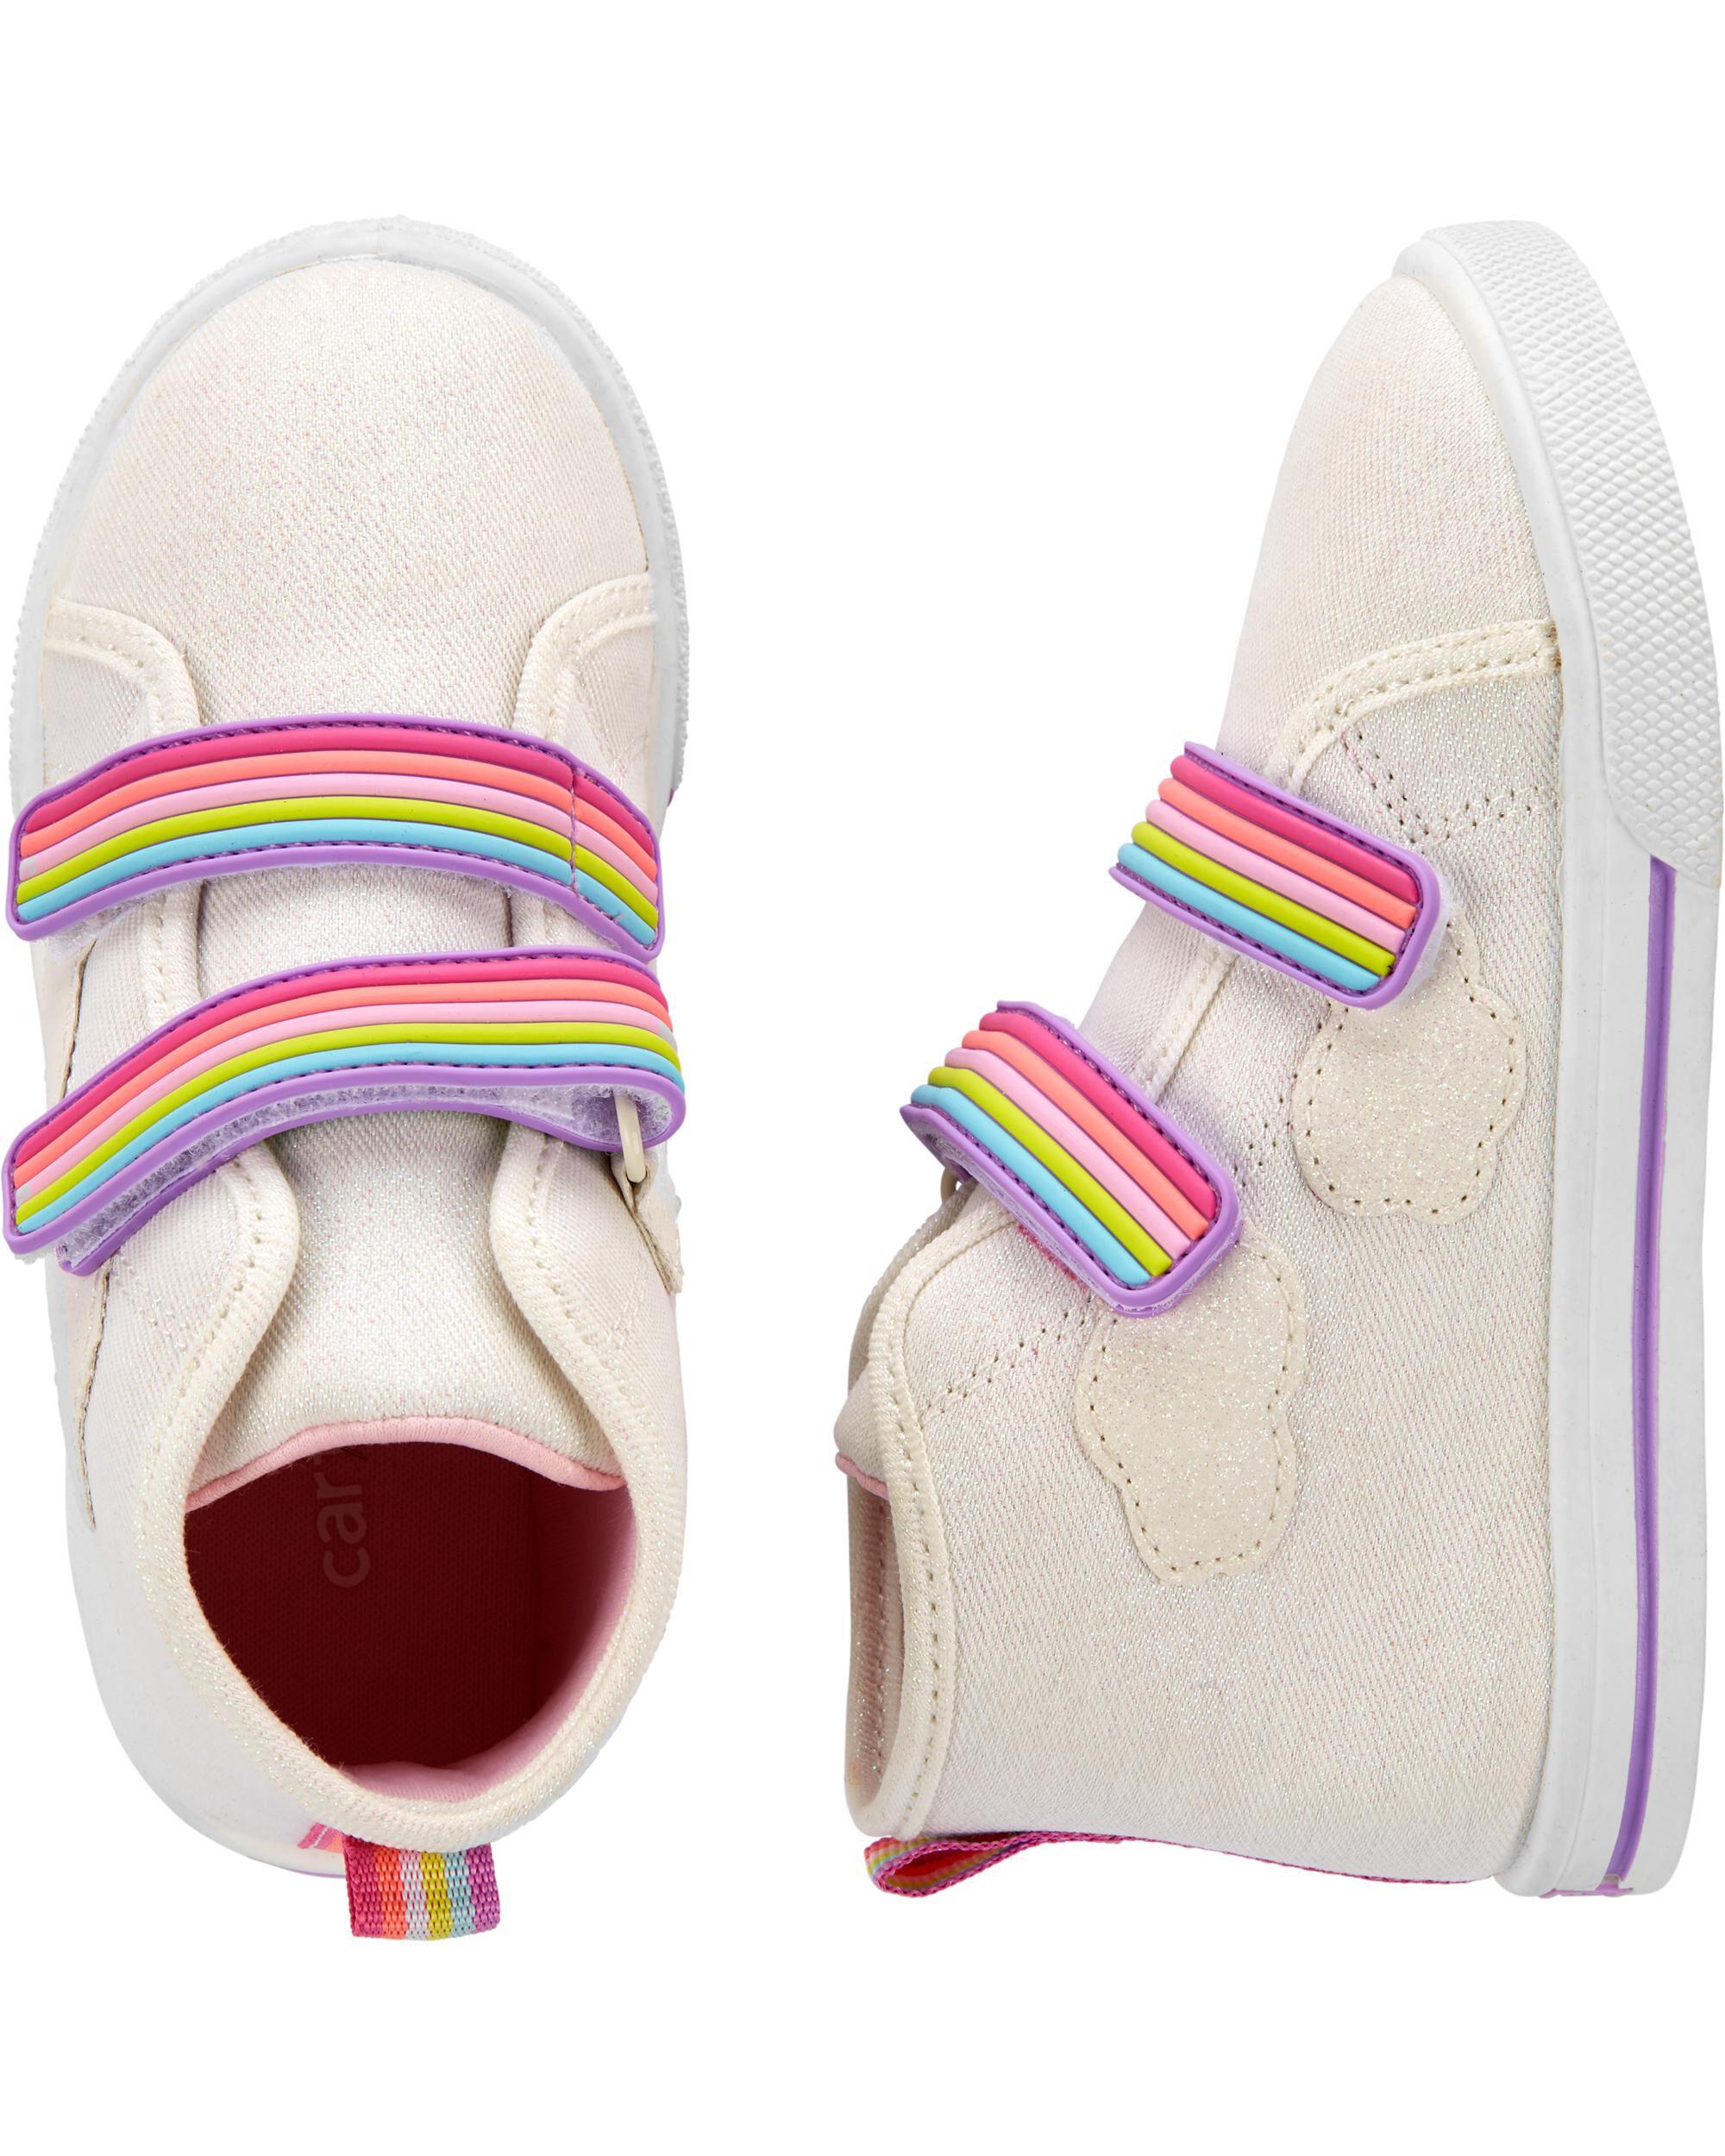 rainbow hi tops